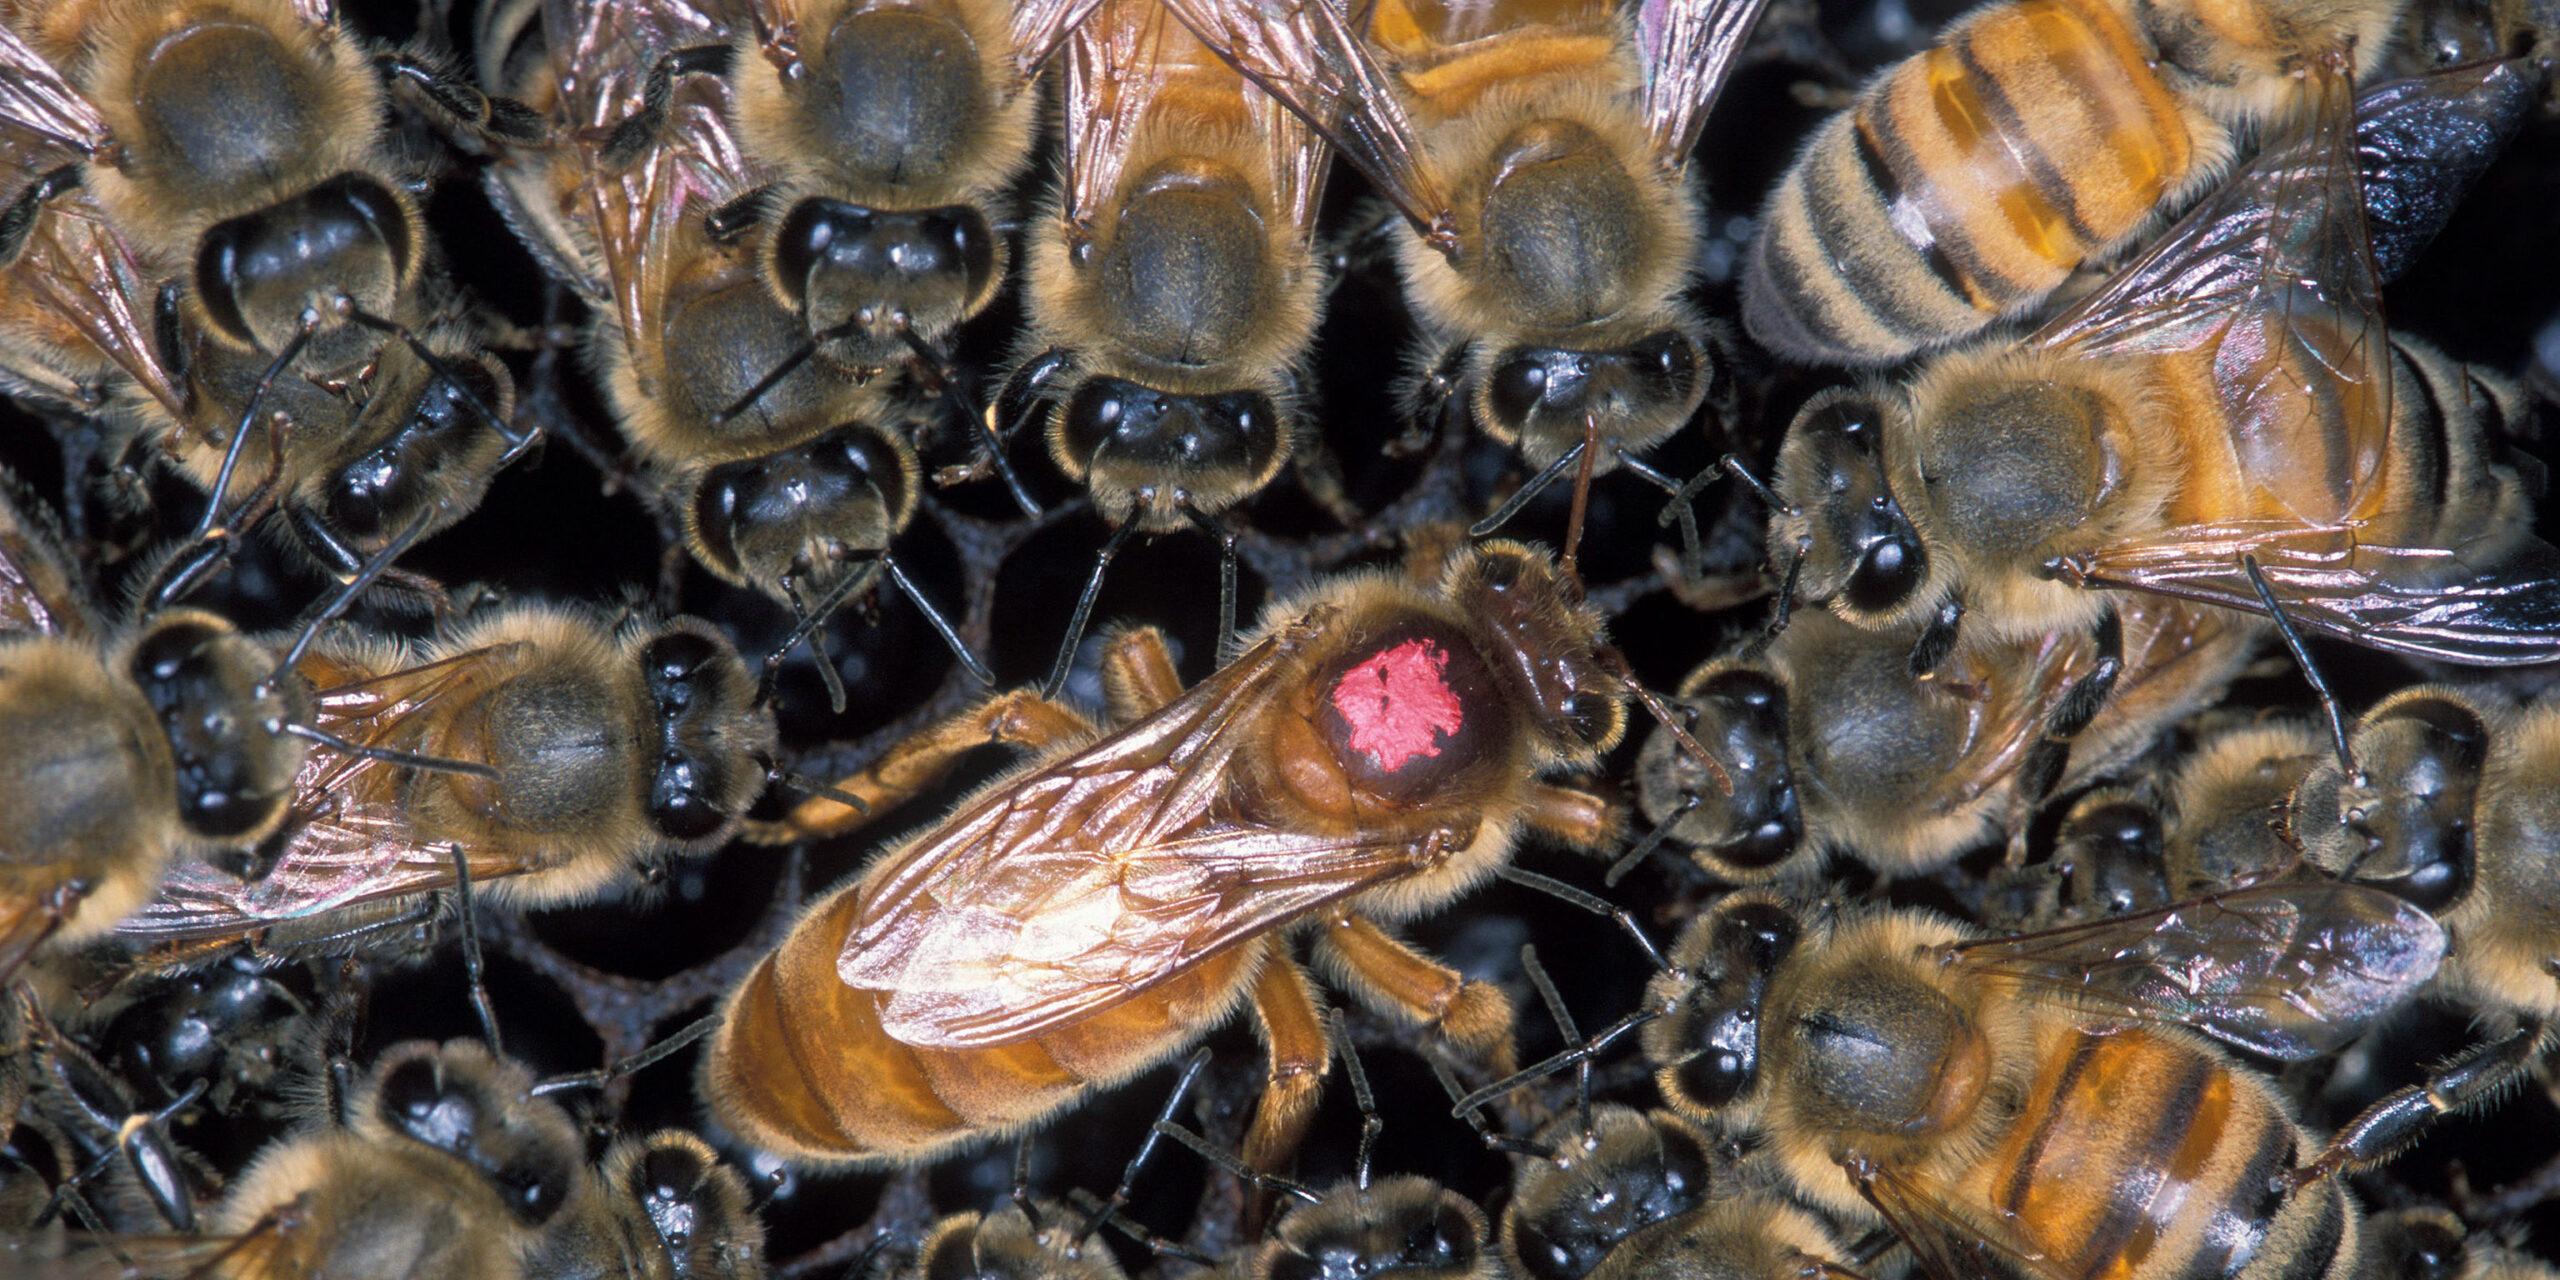 Abuelita muere tras ser atacada por abejas en Hidalgo | El Imparcial de Oaxaca